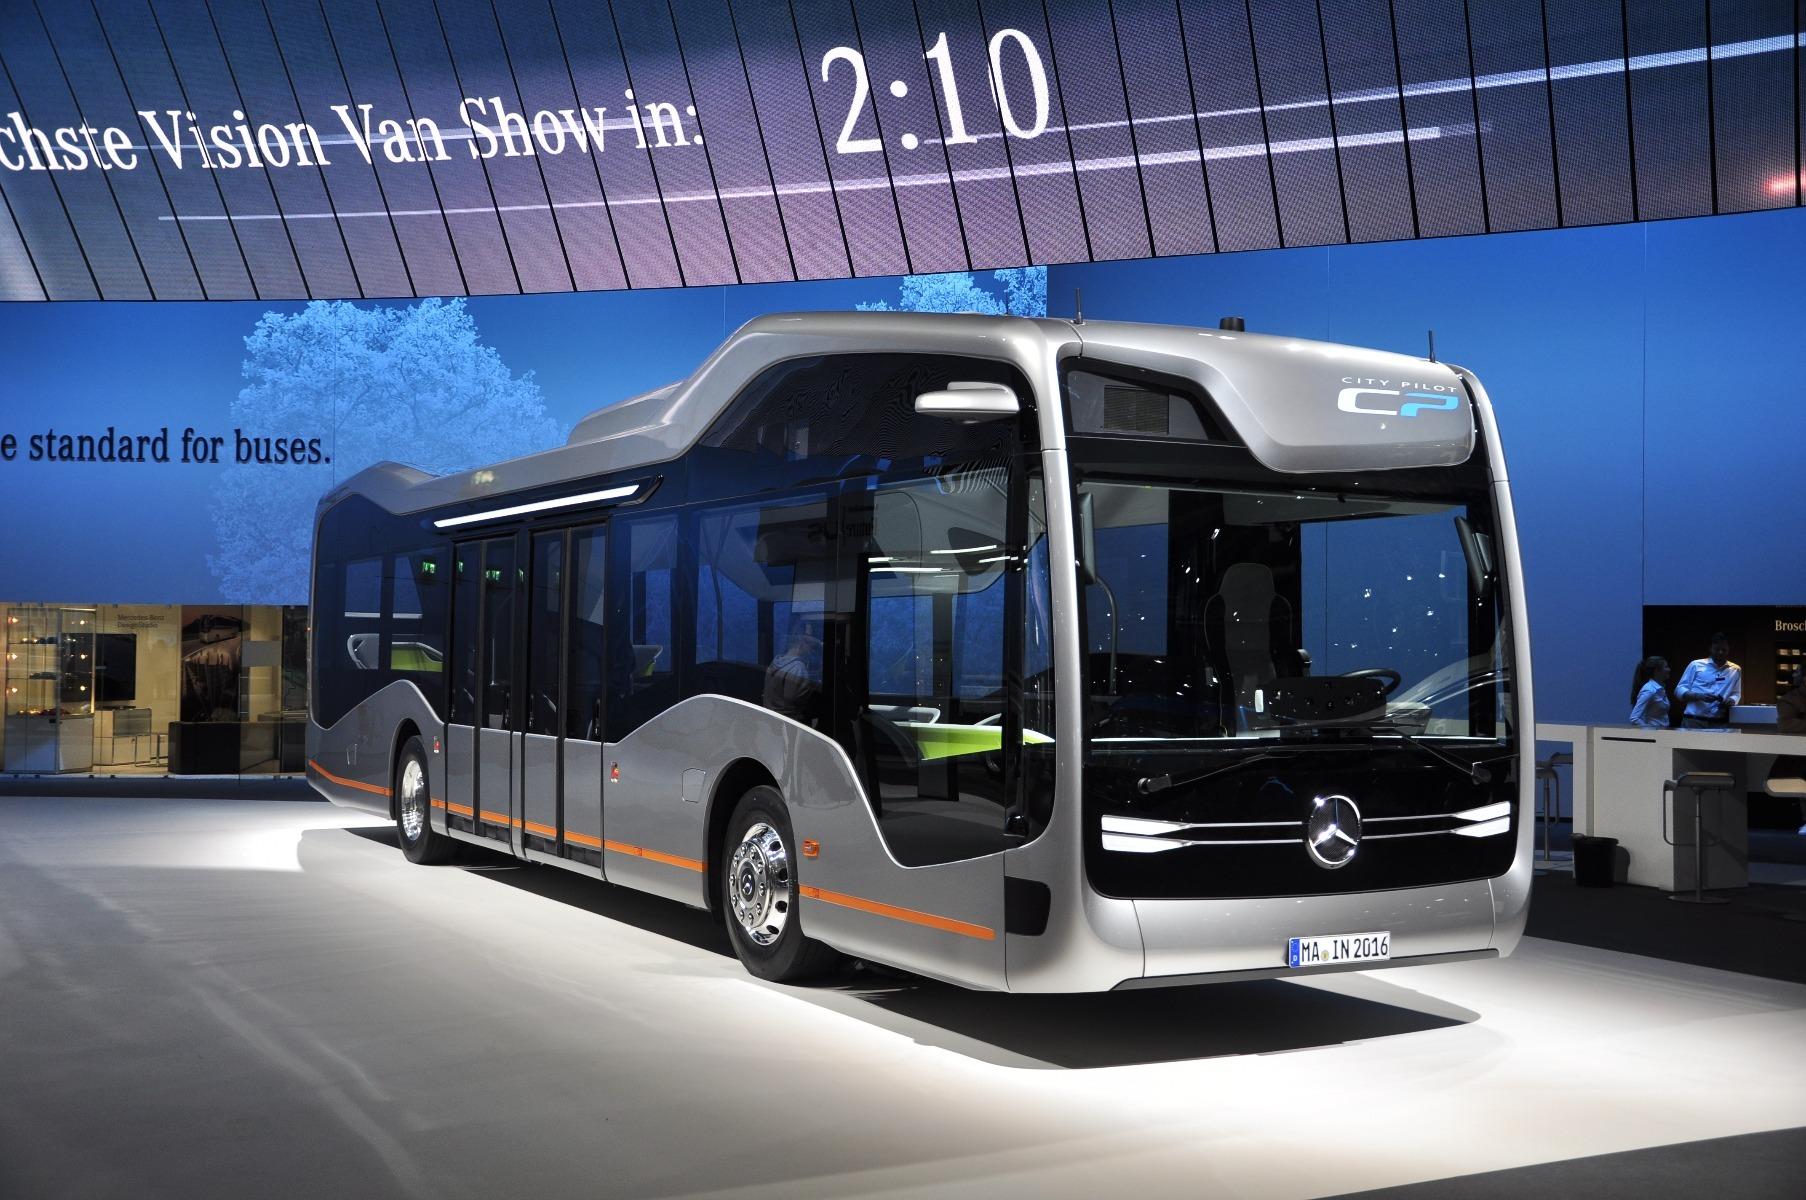 A Mercedes-Benz Future Bus városi tanulmánybusz már a közúti tesztelés fázisánál tart